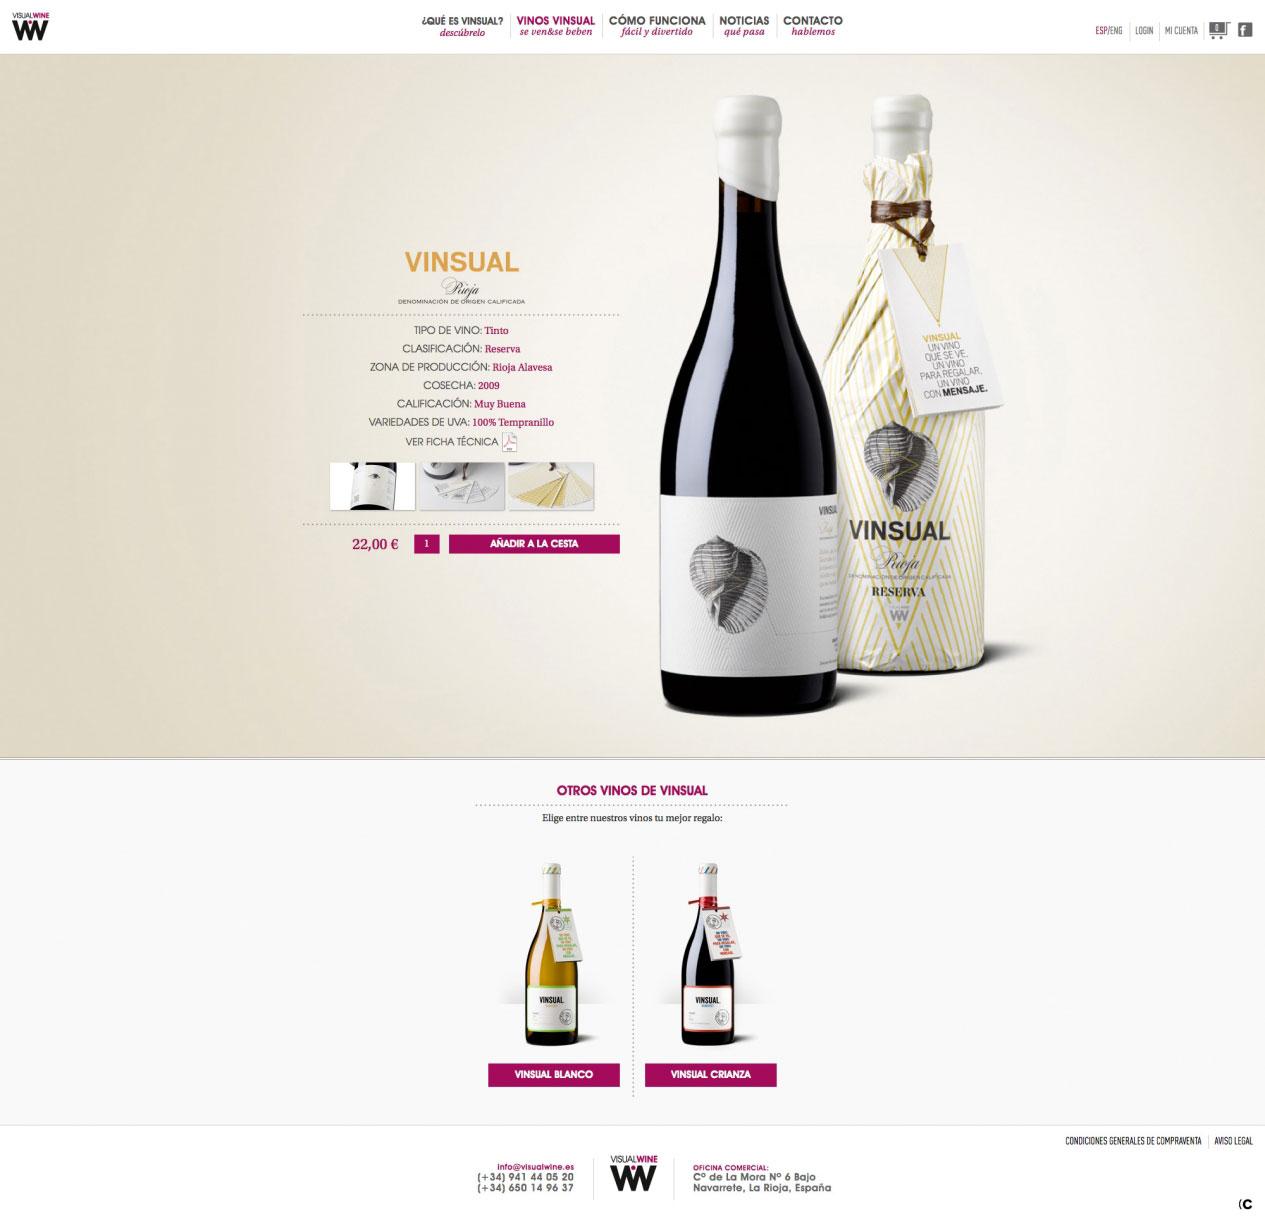 diseño atractivo de botella de vino en valladolid